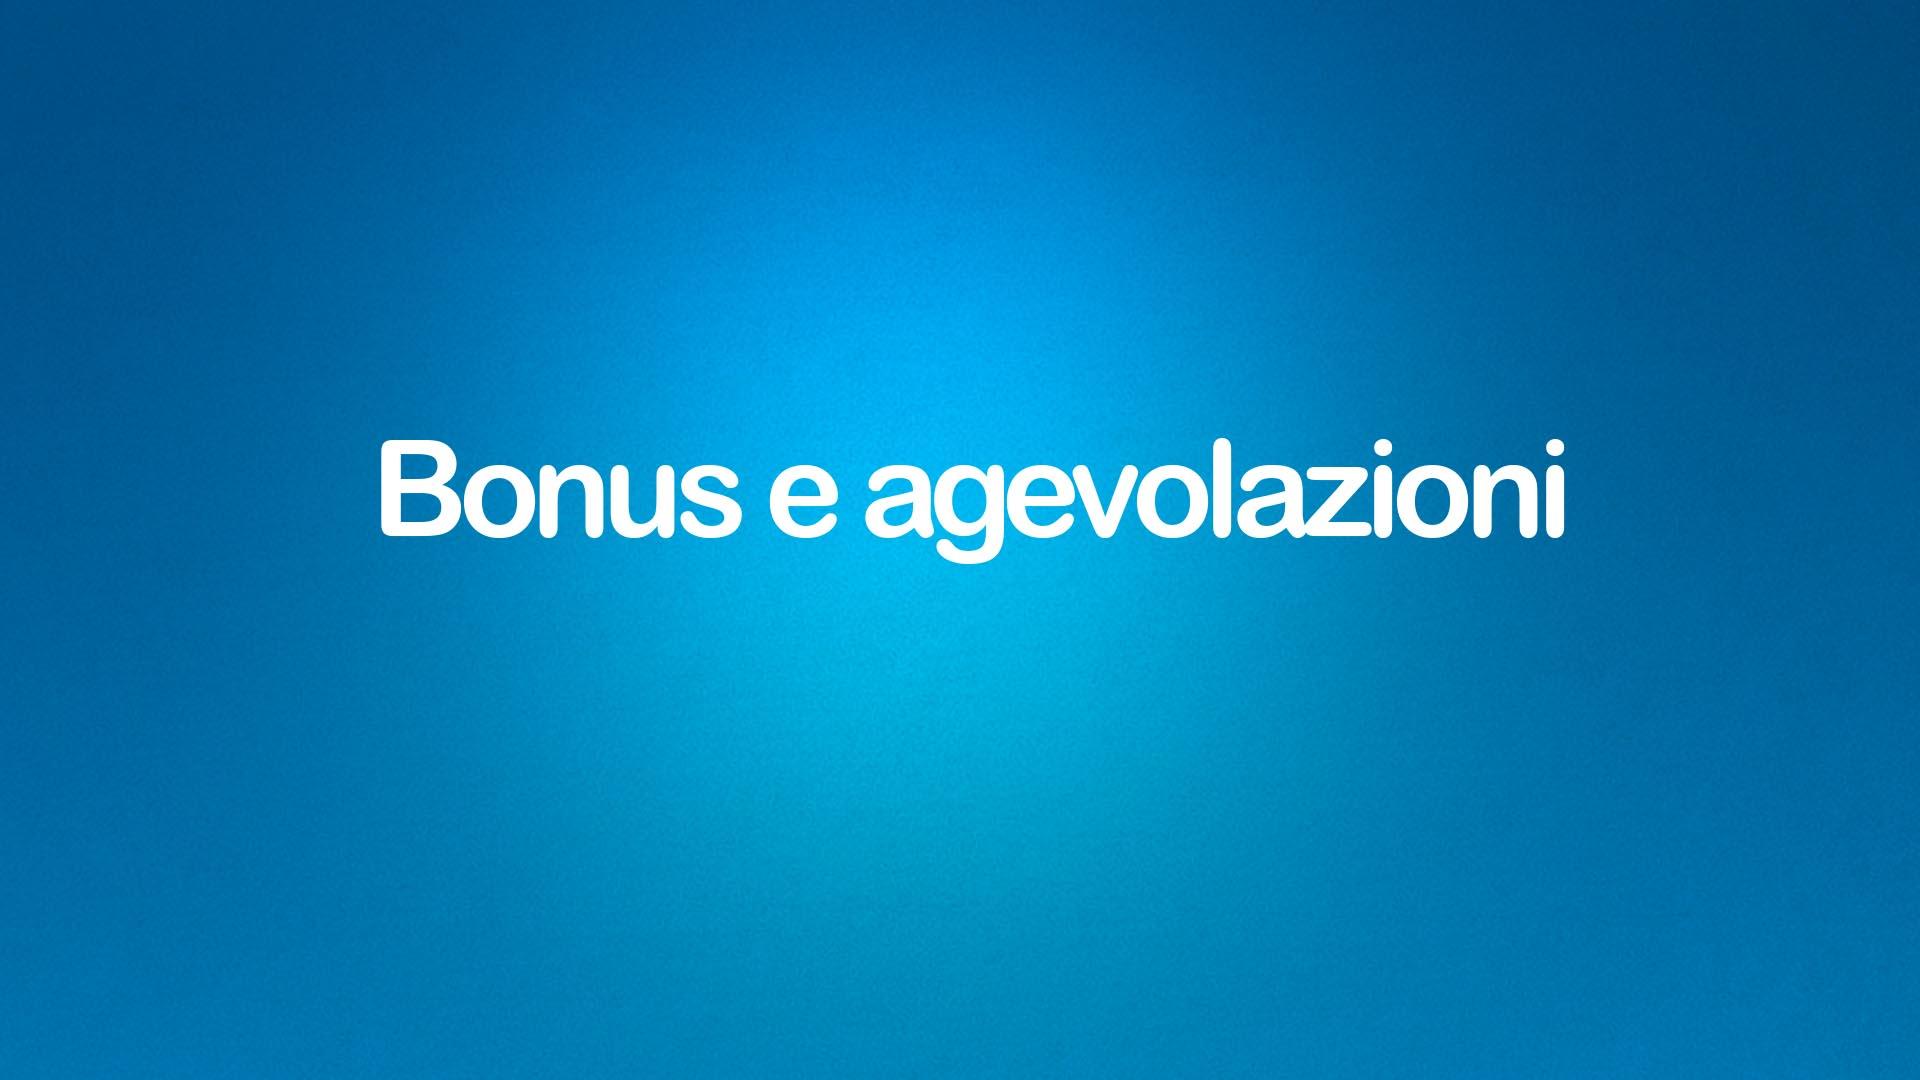 Bonus e agevolazioni grafica